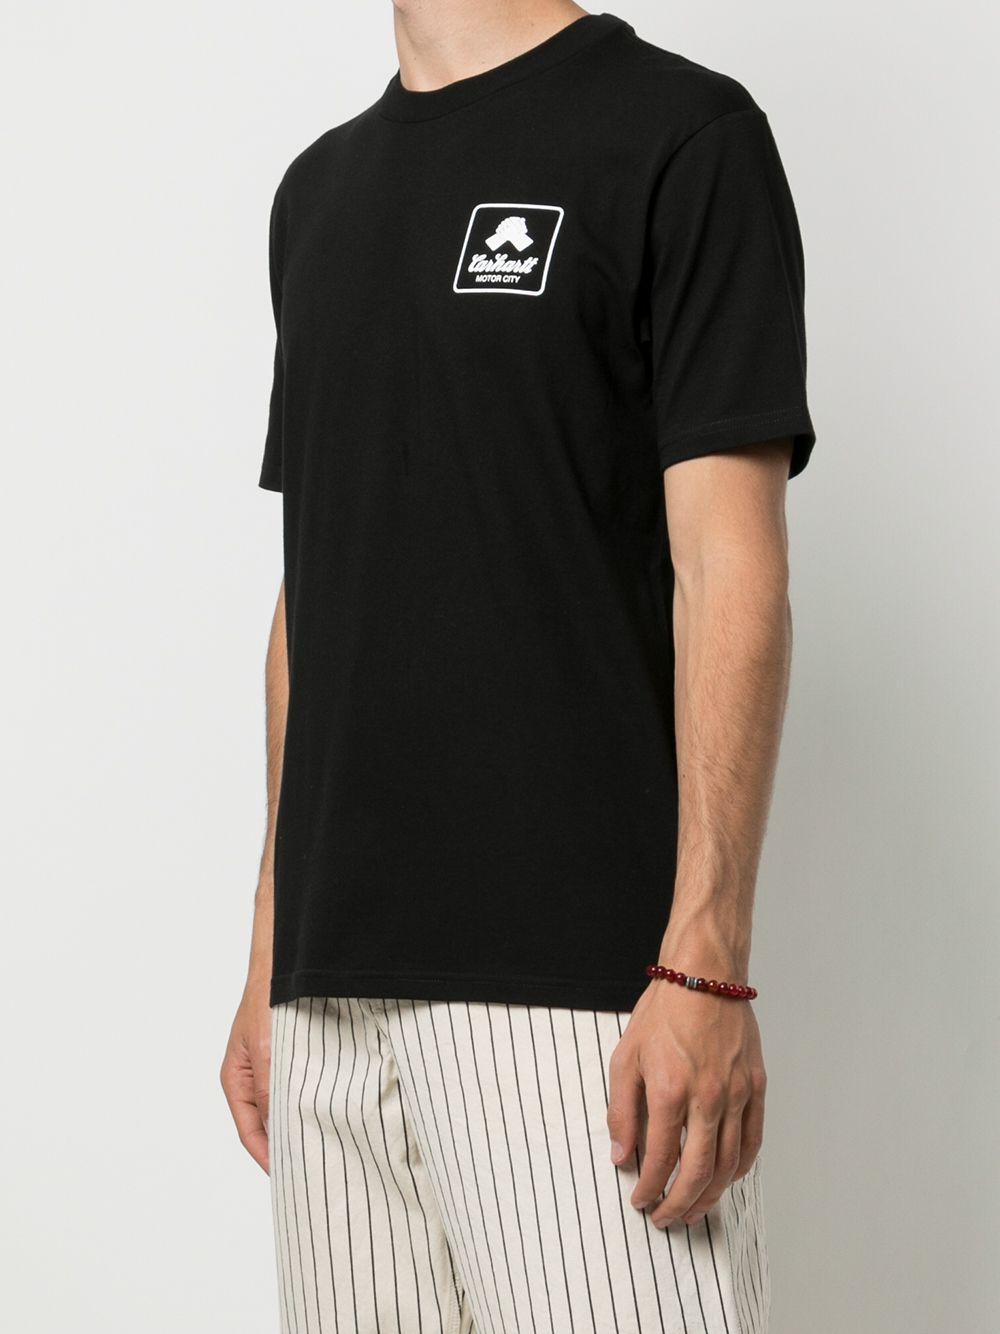 CARHARTT WIP   T-shirts   I02893189.90